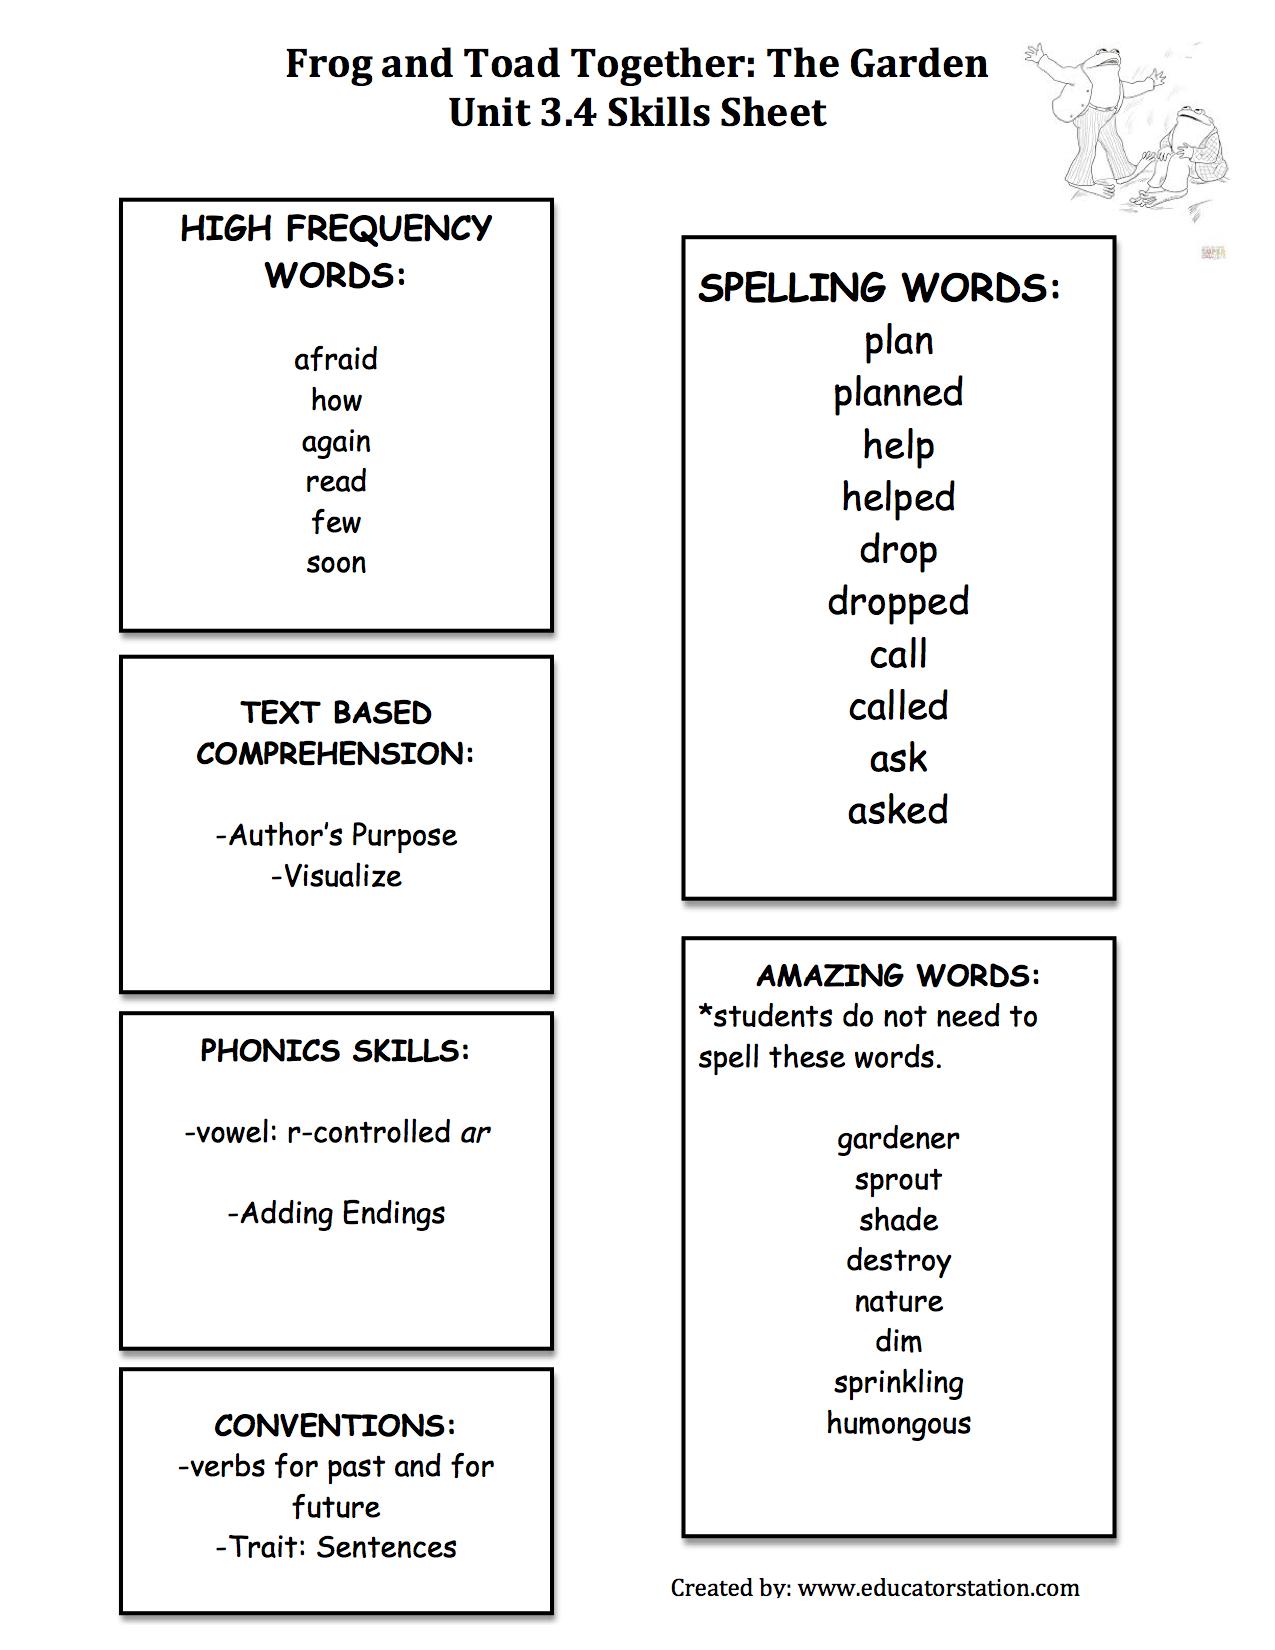 Worksheets Frog And Toad Together Worksheets frog and toad together skills sheet reading street pinterest sheet